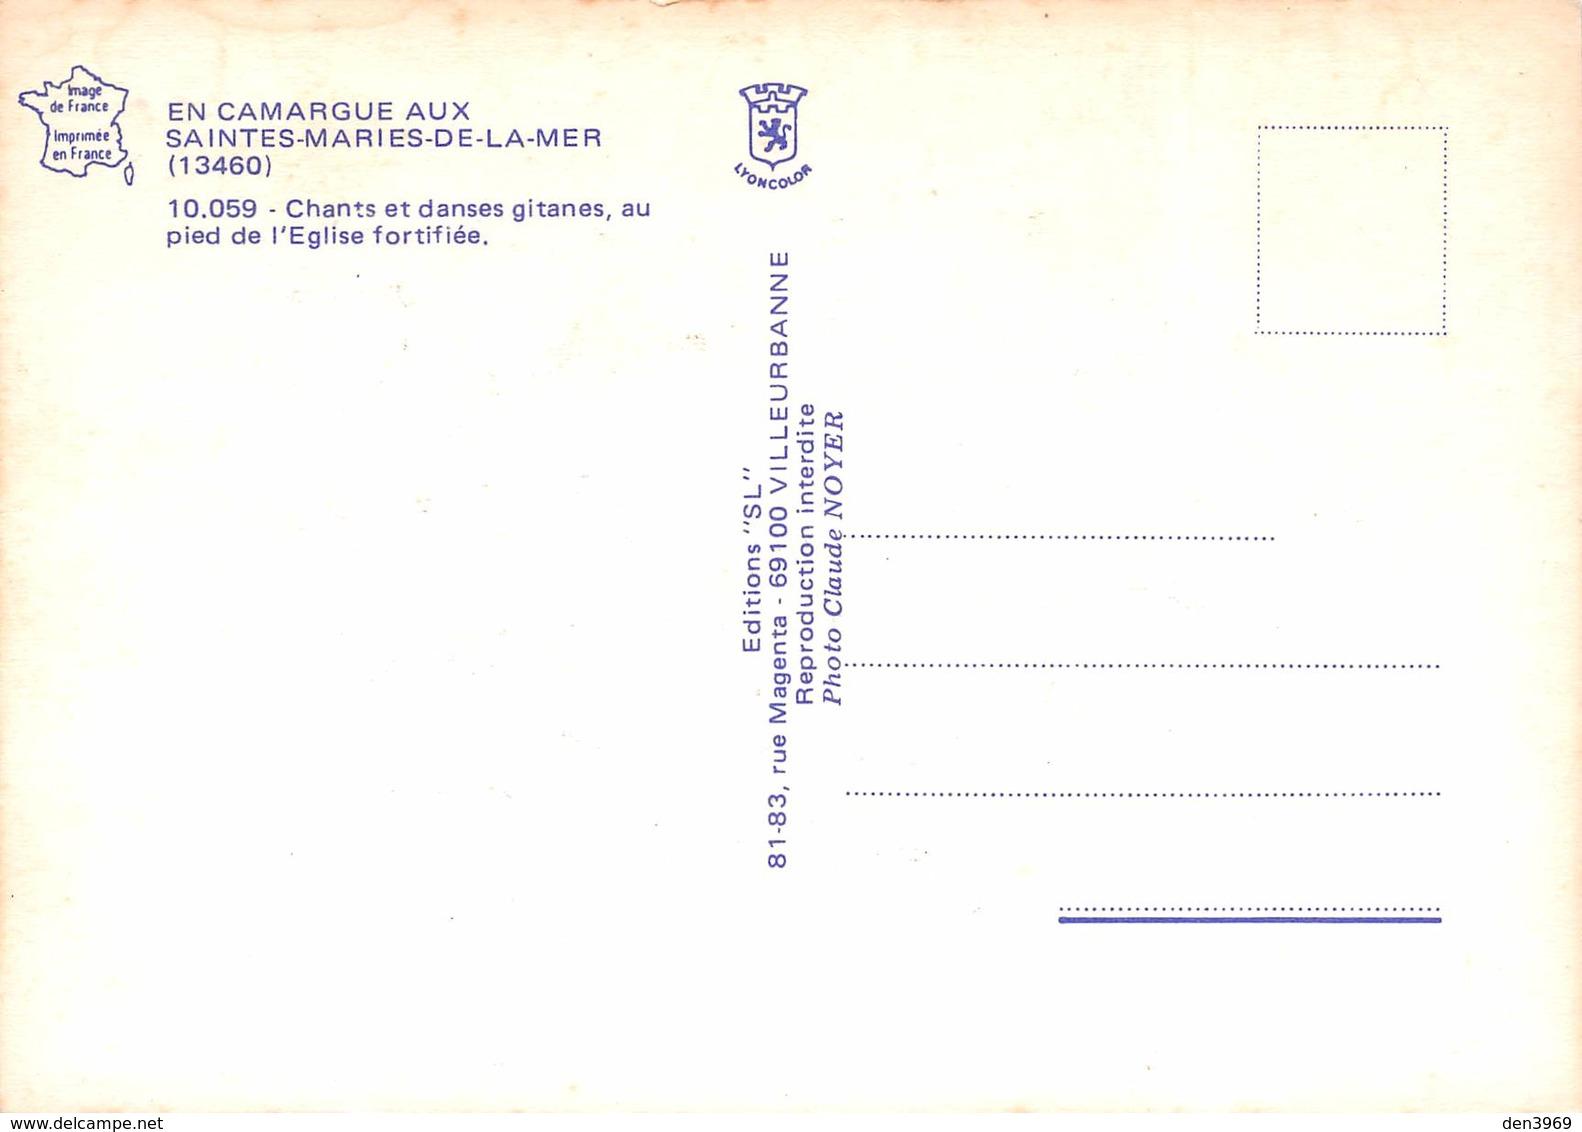 Les SAINTES-MARIES-de-la-MER - Chants Et Danses Gitanes Au Pied De L'Eglise Fortifiée - Guitaristes - Saintes Maries De La Mer